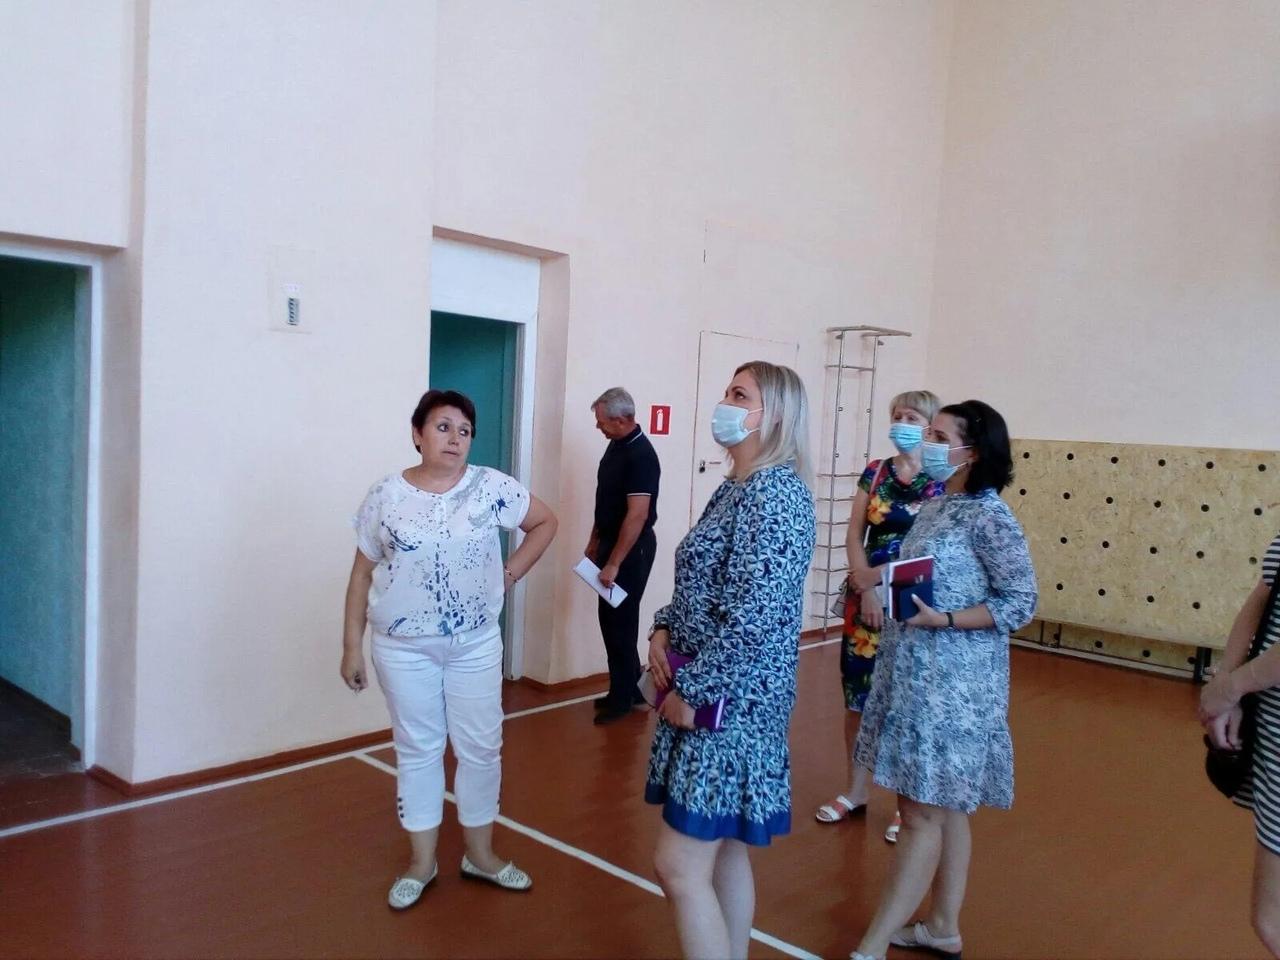 В образовательных учреждениях Петровского района идёт традиционная приёмка к новому учебному году